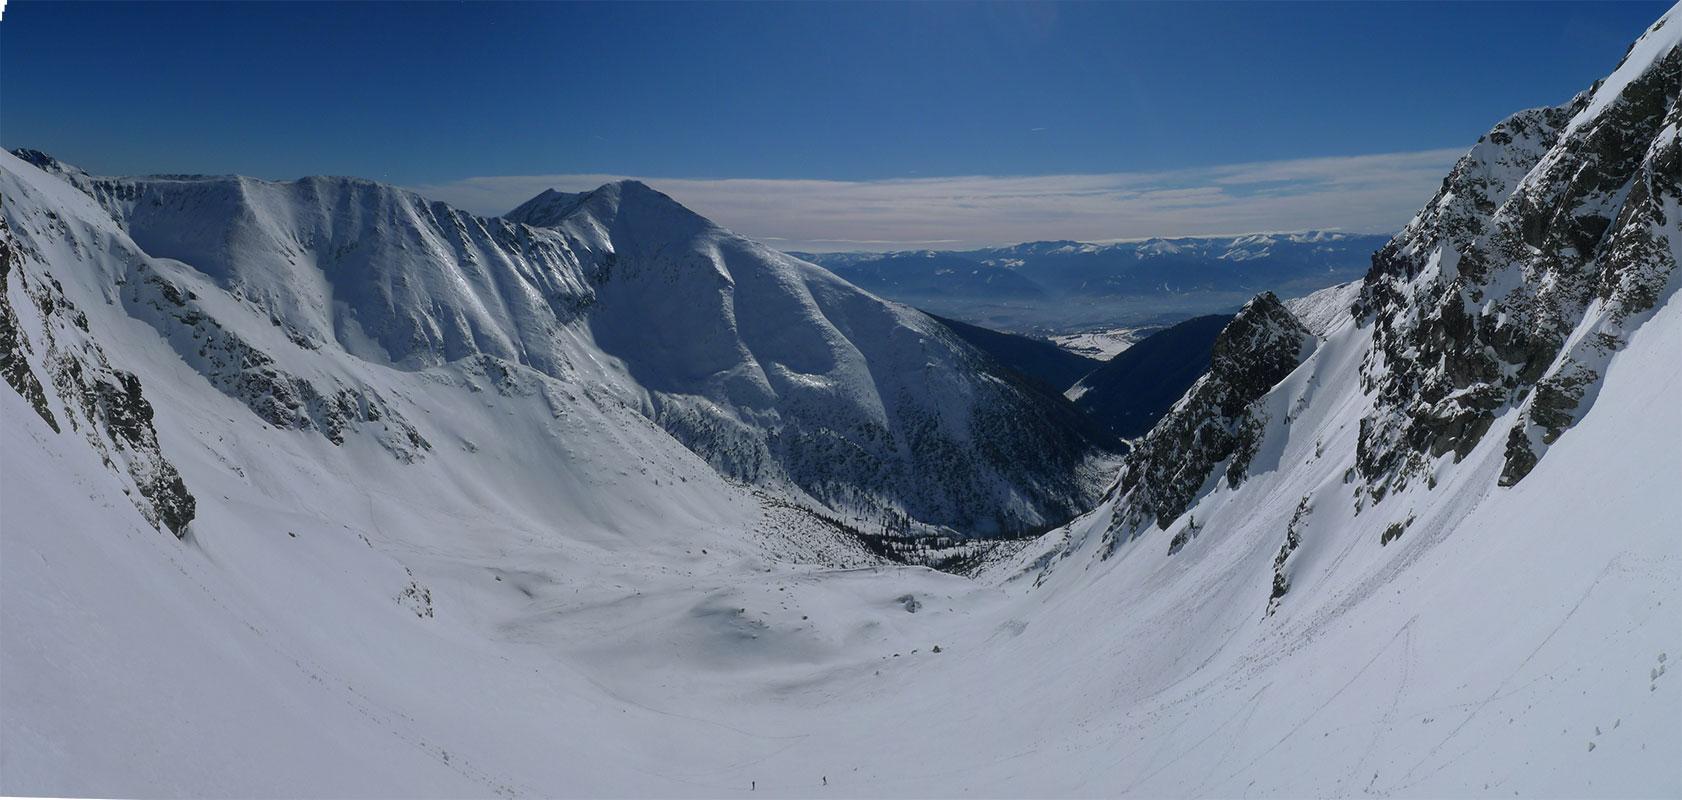 Hrubá kopa via Lúčne sedlo Západné Tatry Slowakei panorama 05